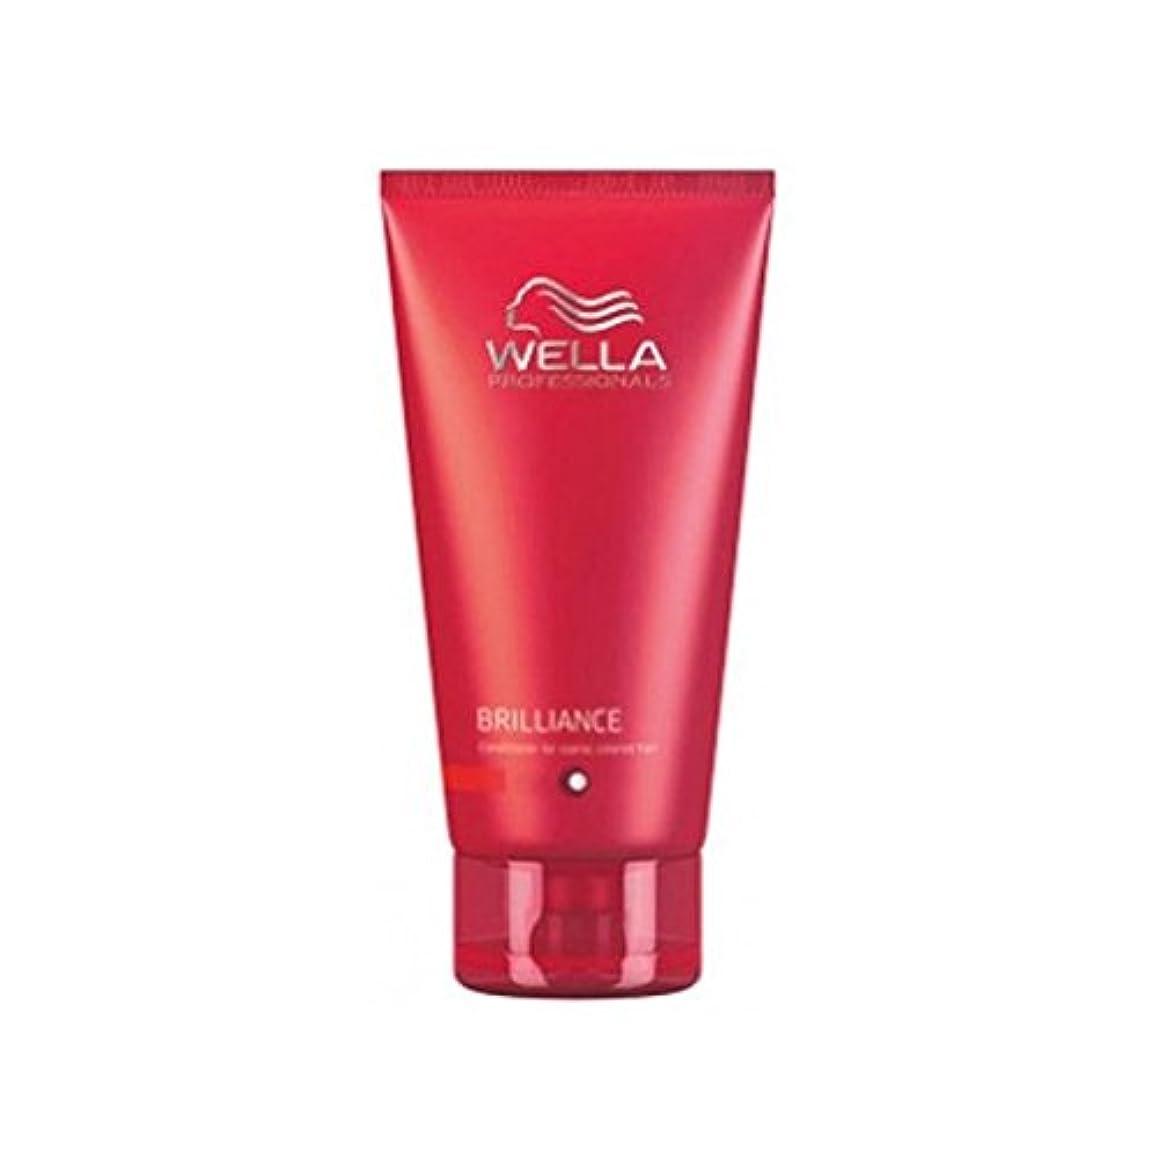 器官とても多くの背骨Wella Professionals Brilliance Conditioner For Fine To Normal, Coloured Hair (200ml) - ウェラの専門家が通常に細かいためのコンディショナー...